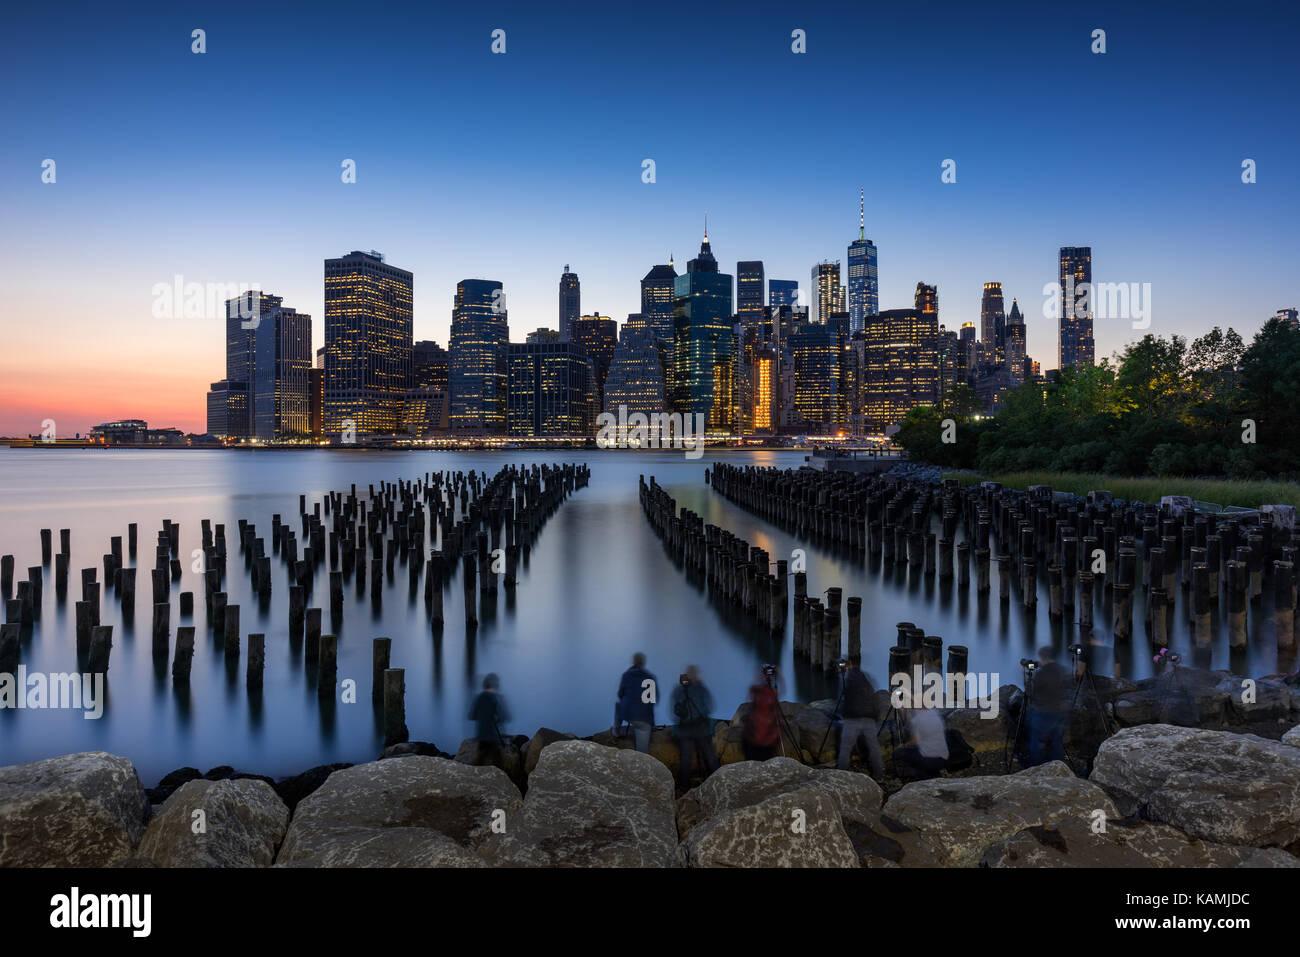 Grattacieli di Manhattan al tramonto e palificazioni di legno dal ponte di Brooklyn Park. Manhattan, New York City Foto Stock